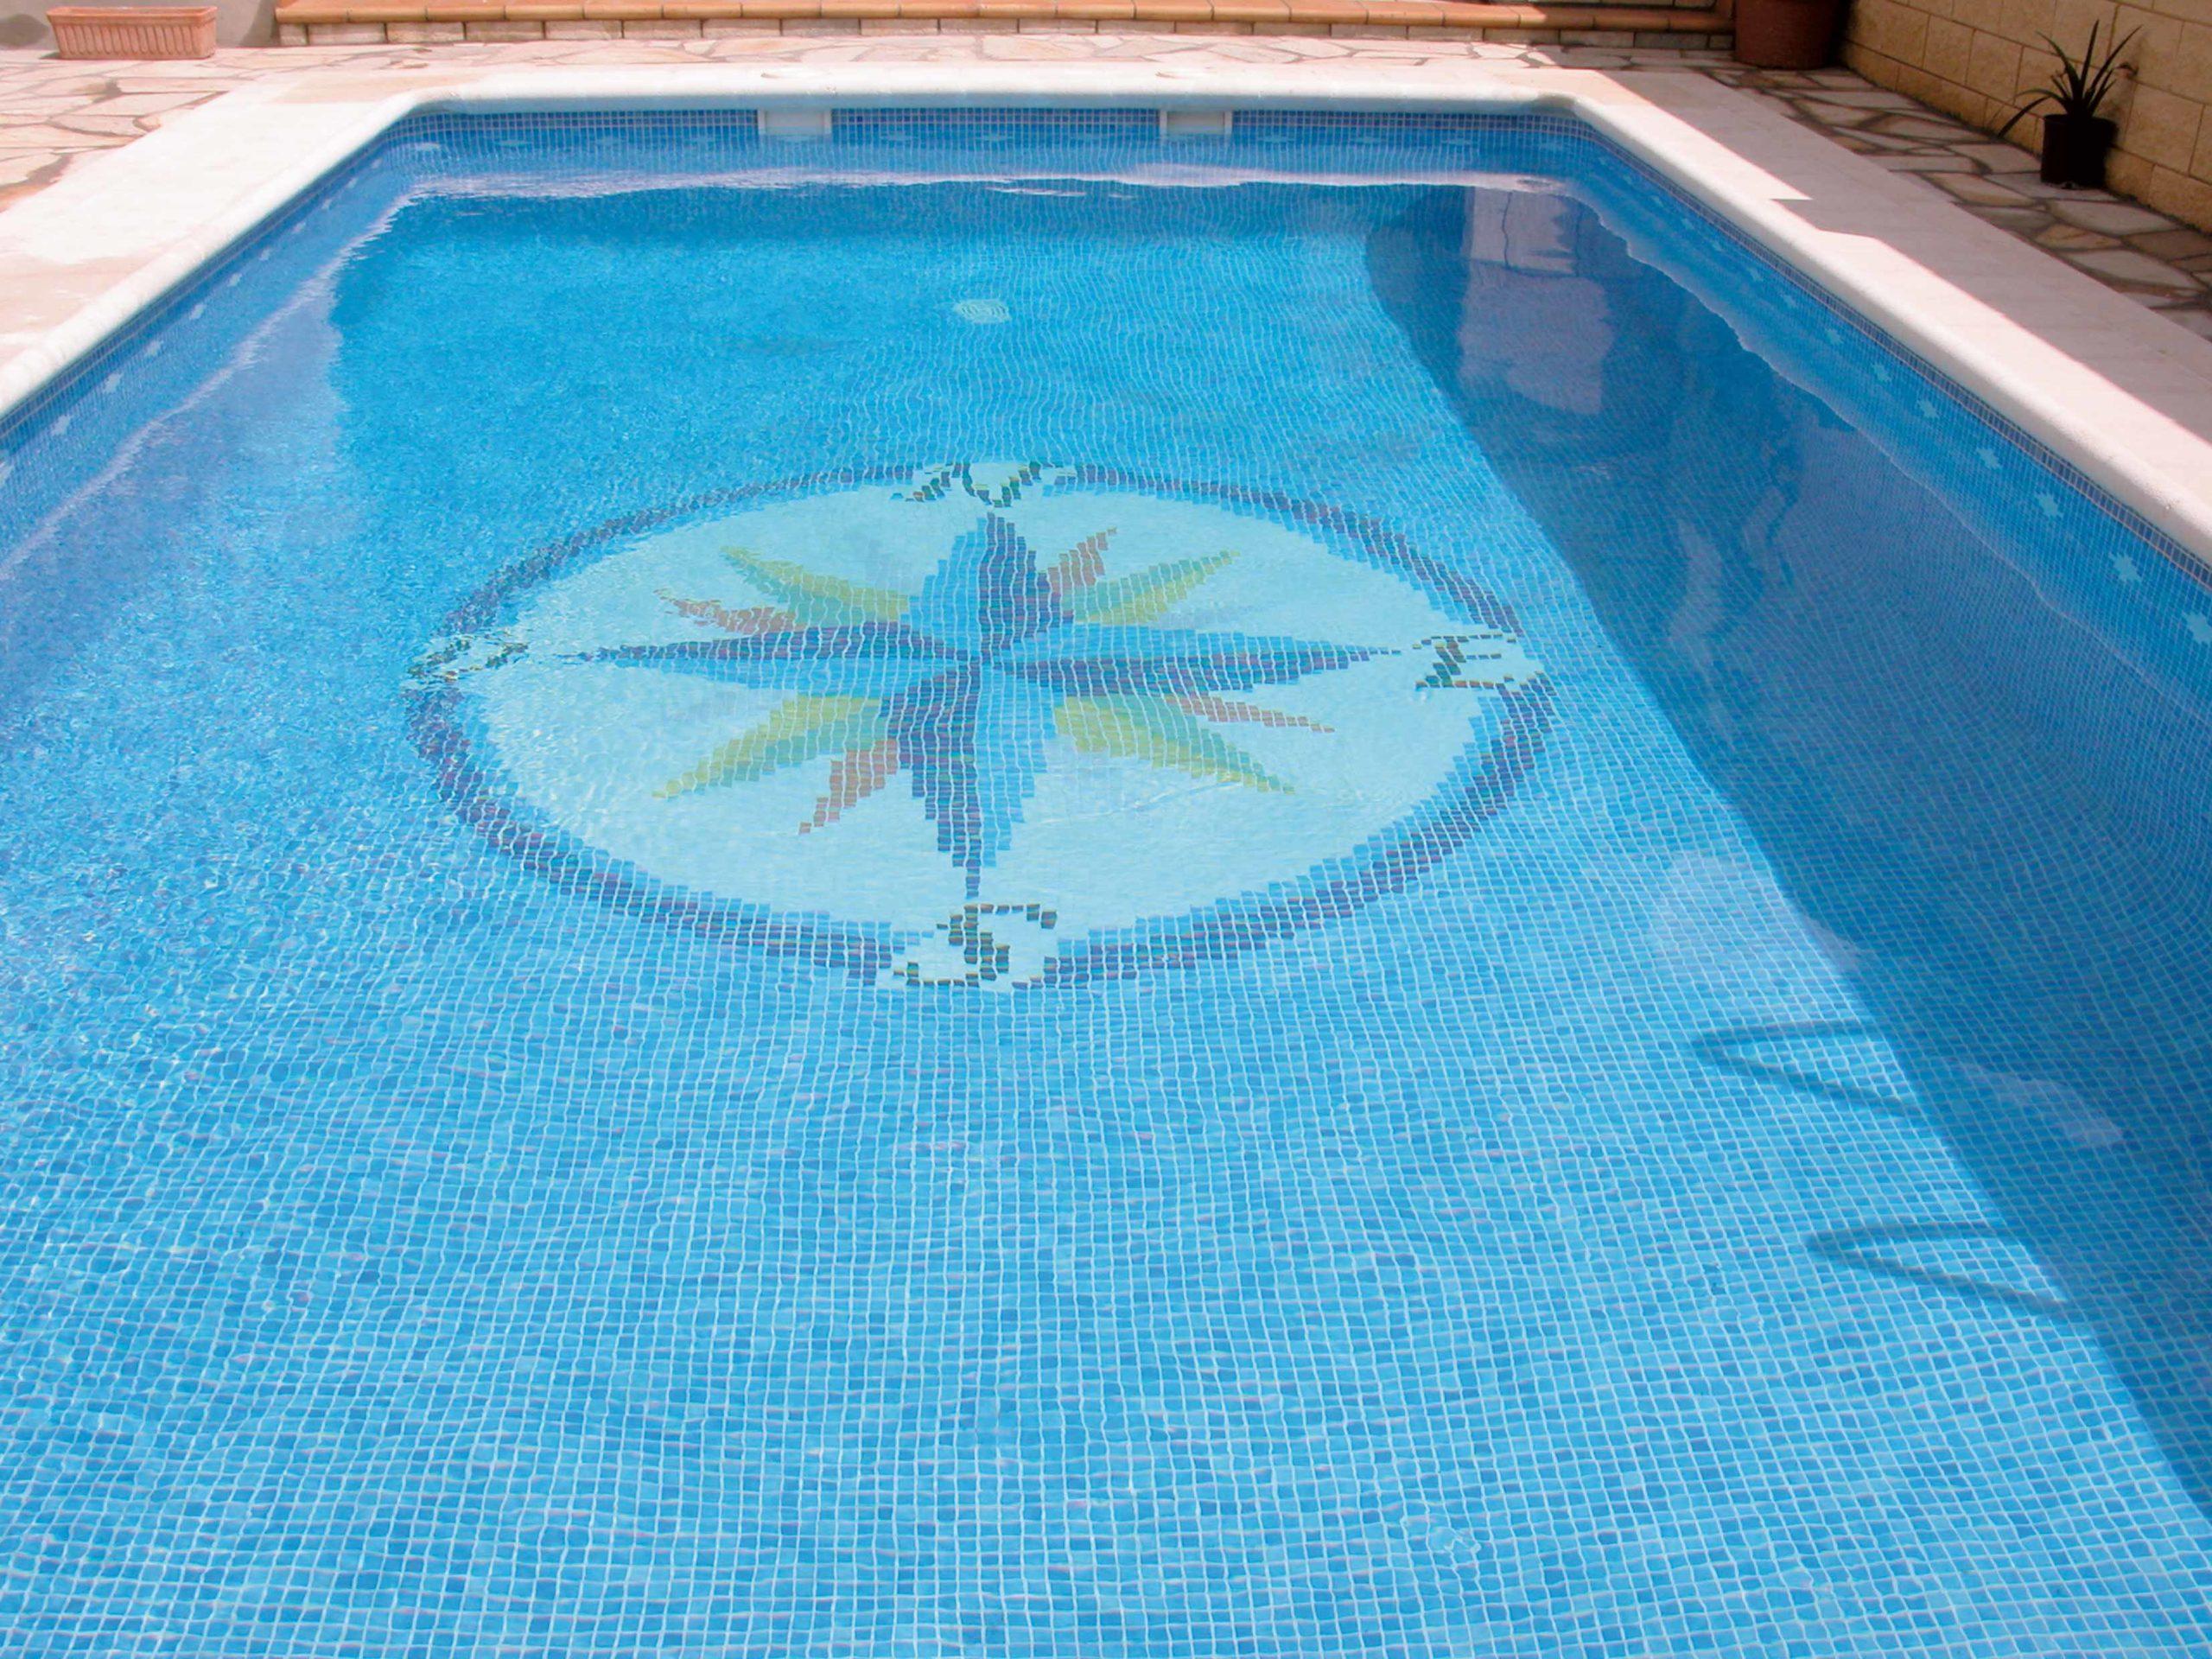 Mosaïque piscine réalisation Sols Concept - marins mosavit